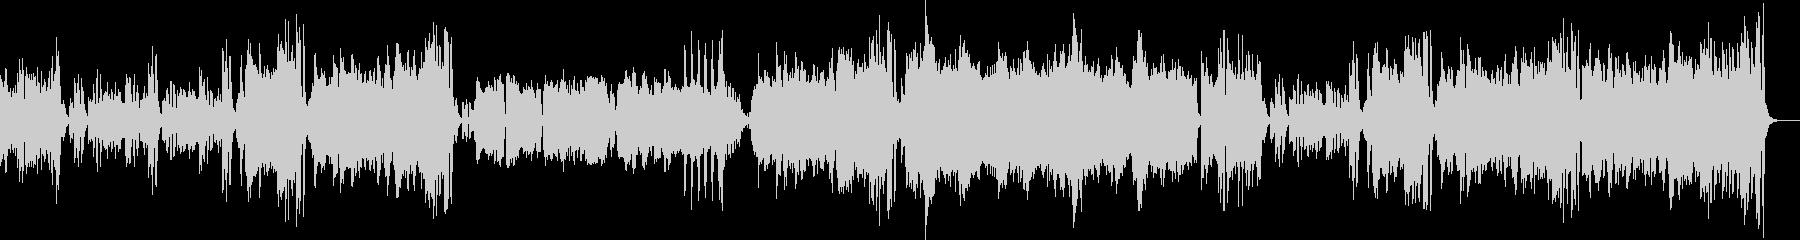 筋トレ・フィットネス用生演奏リコーダーの未再生の波形